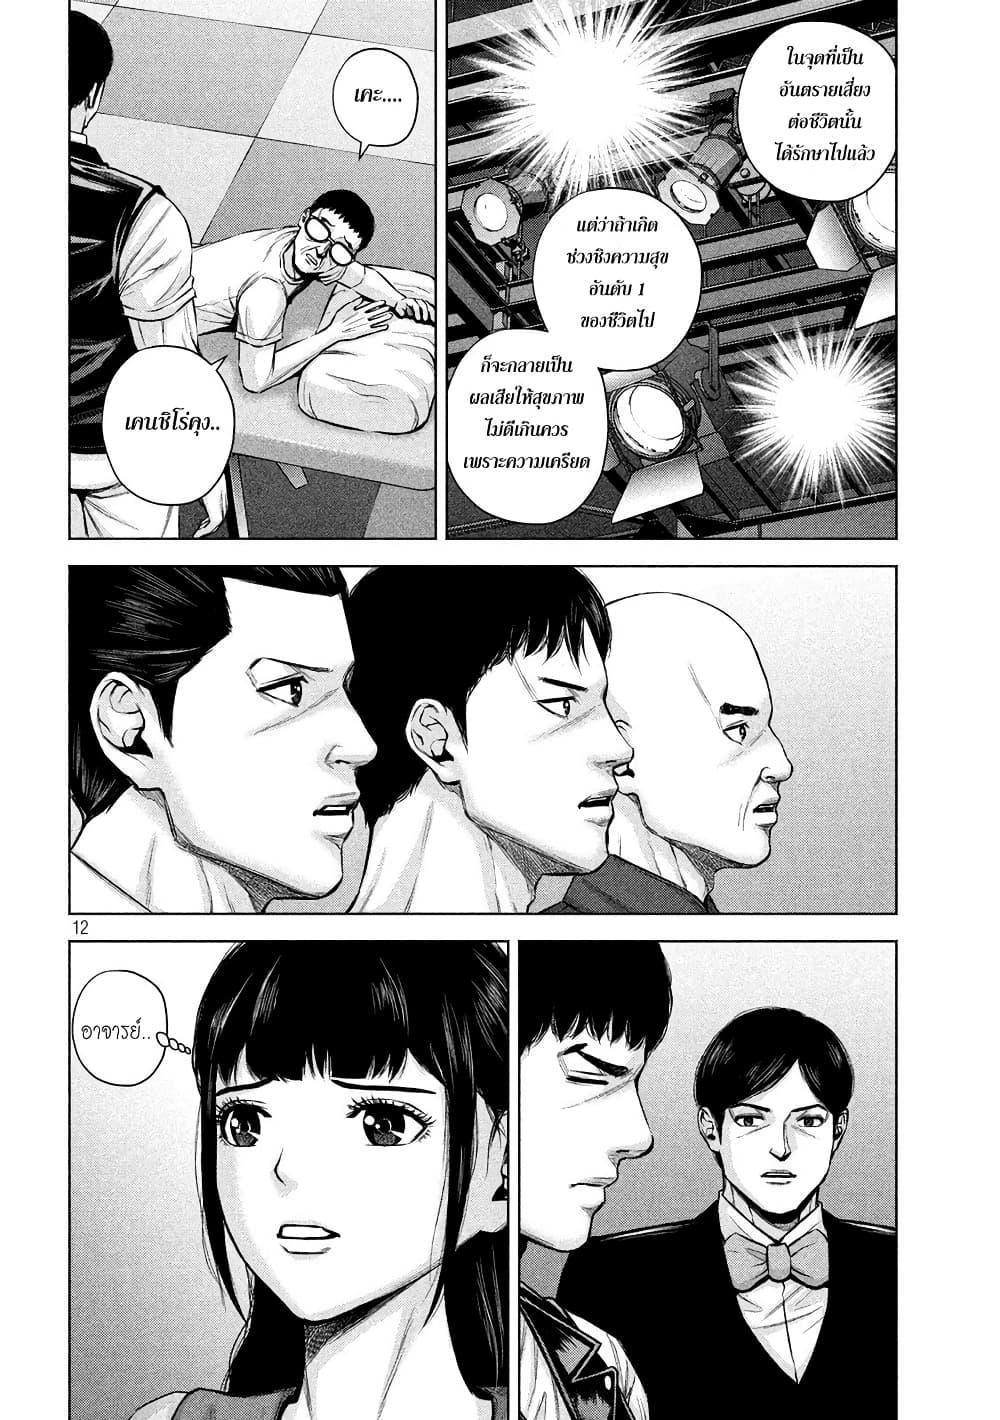 อ่านการ์ตูน Kenshirou ni Yoroshiku ตอนที่ 19 หน้าที่ 12